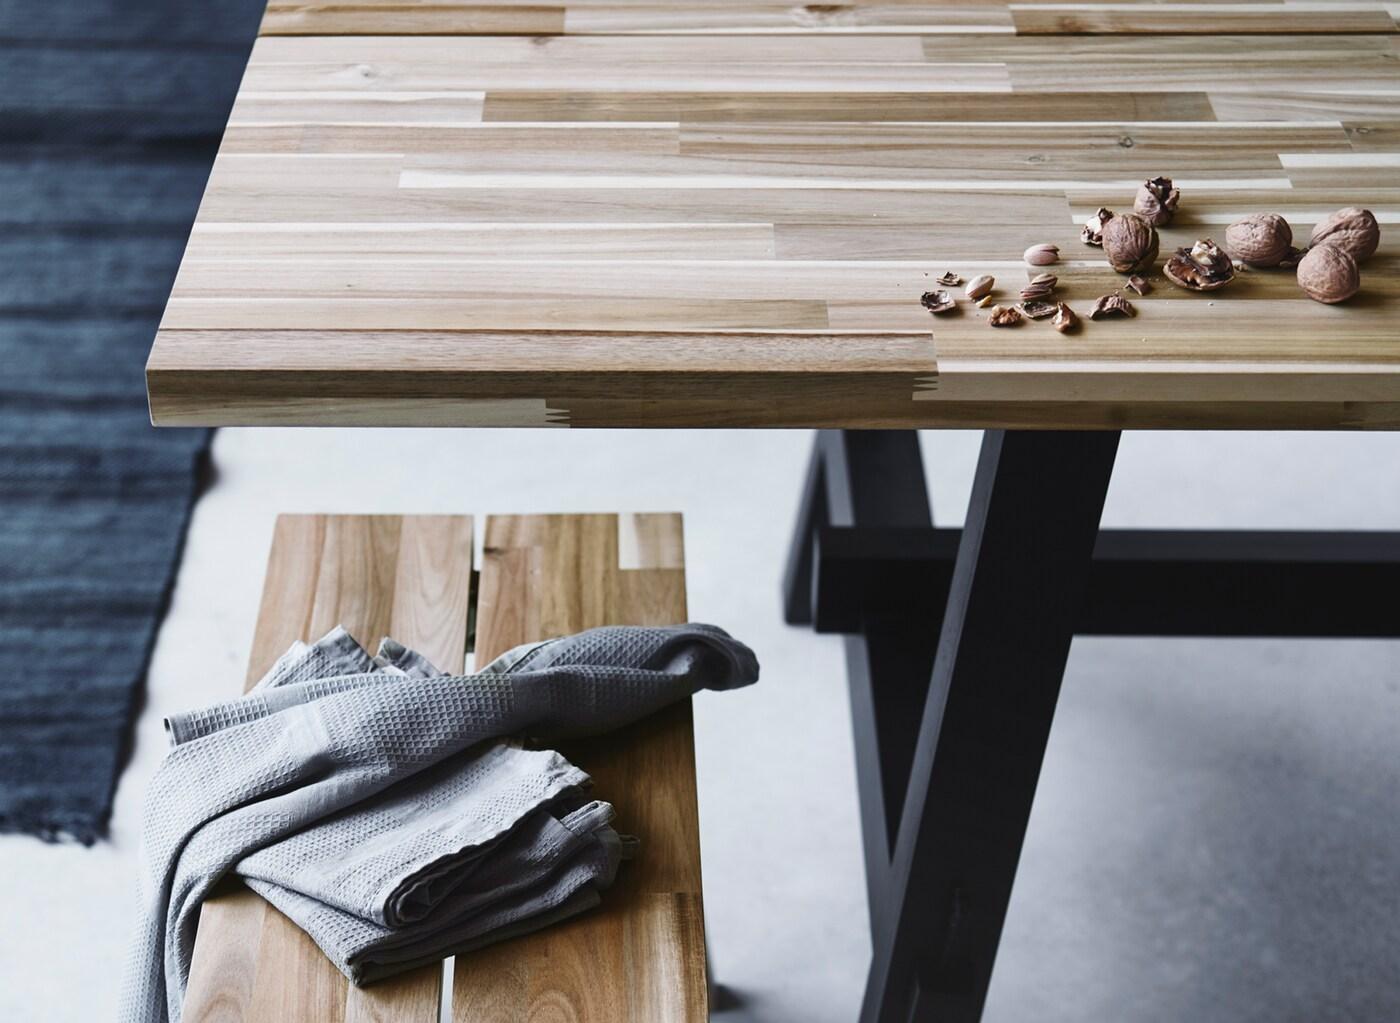 Obdélníkový jídelní stůl a lavice SKOGSTA ve skandinávském stylu ze dřeva s barevnými variacemi.